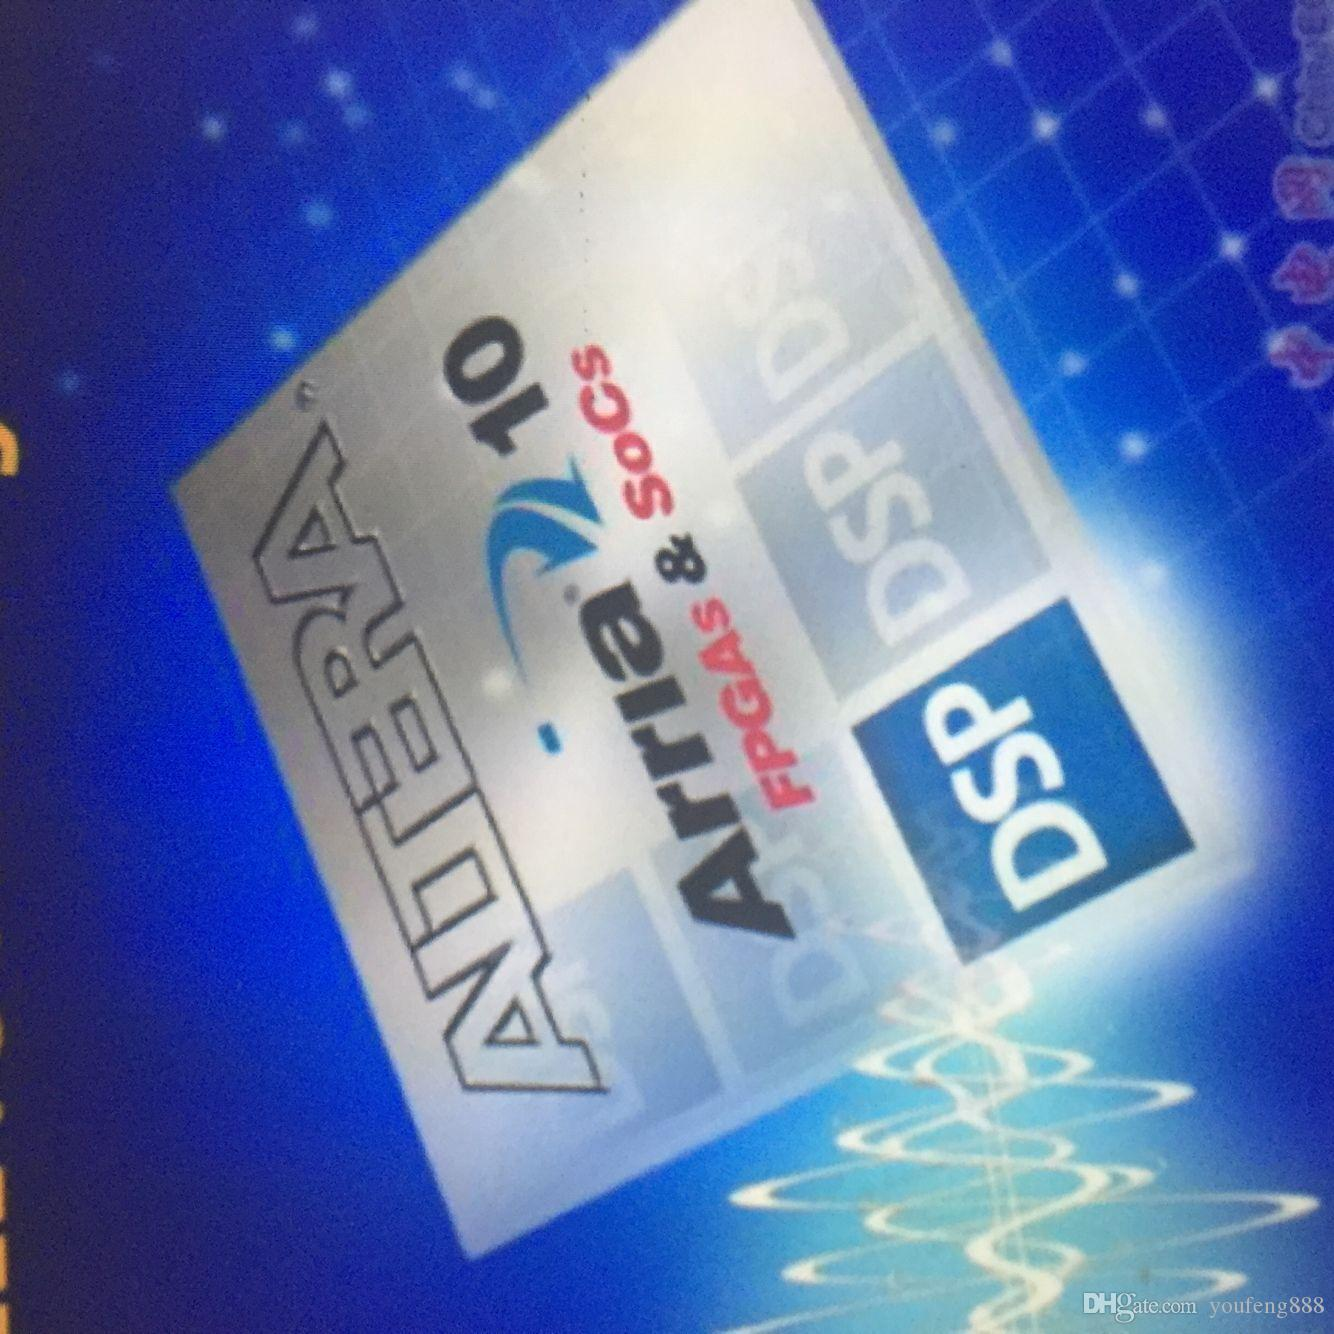 Manufacturer Part Number EP1SGX40GF1020I6N Description IC FPGA 624 I/O  1020FBGA